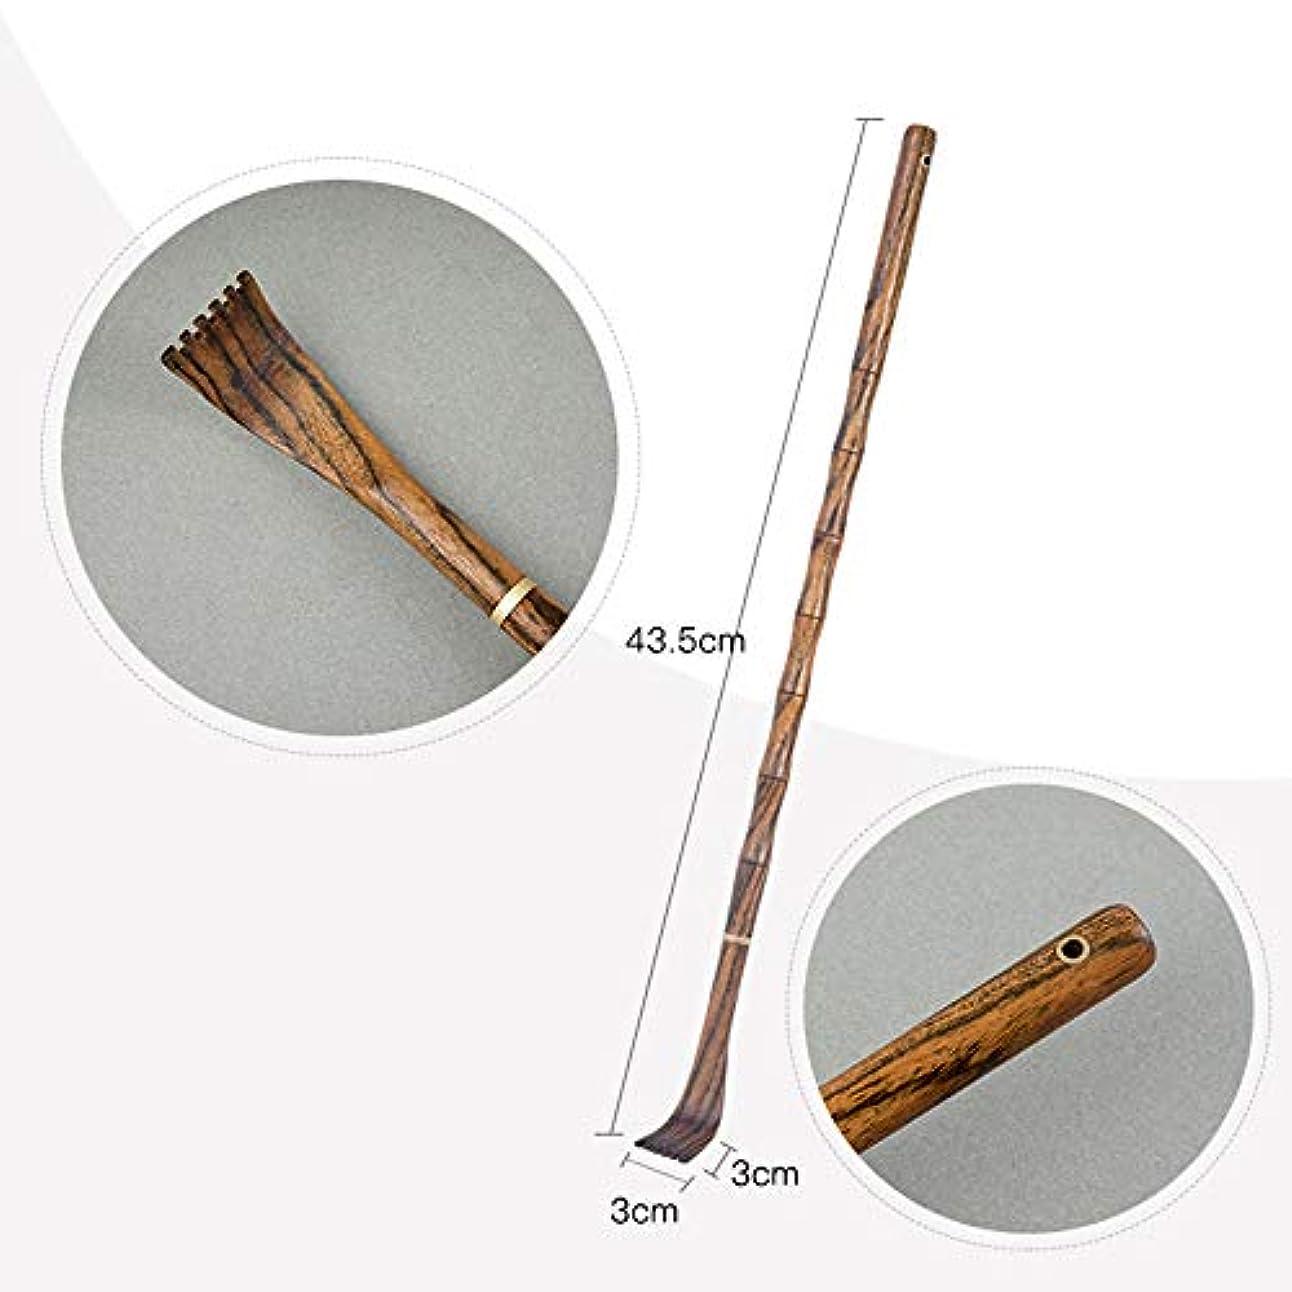 改修揺れる適度なAkagi 背中掻きブラシ 木製 まごのて 敬老の日 プレゼント高人気 携帯 ロングサイズ かゆいところに届 約新生活 お花見 行楽